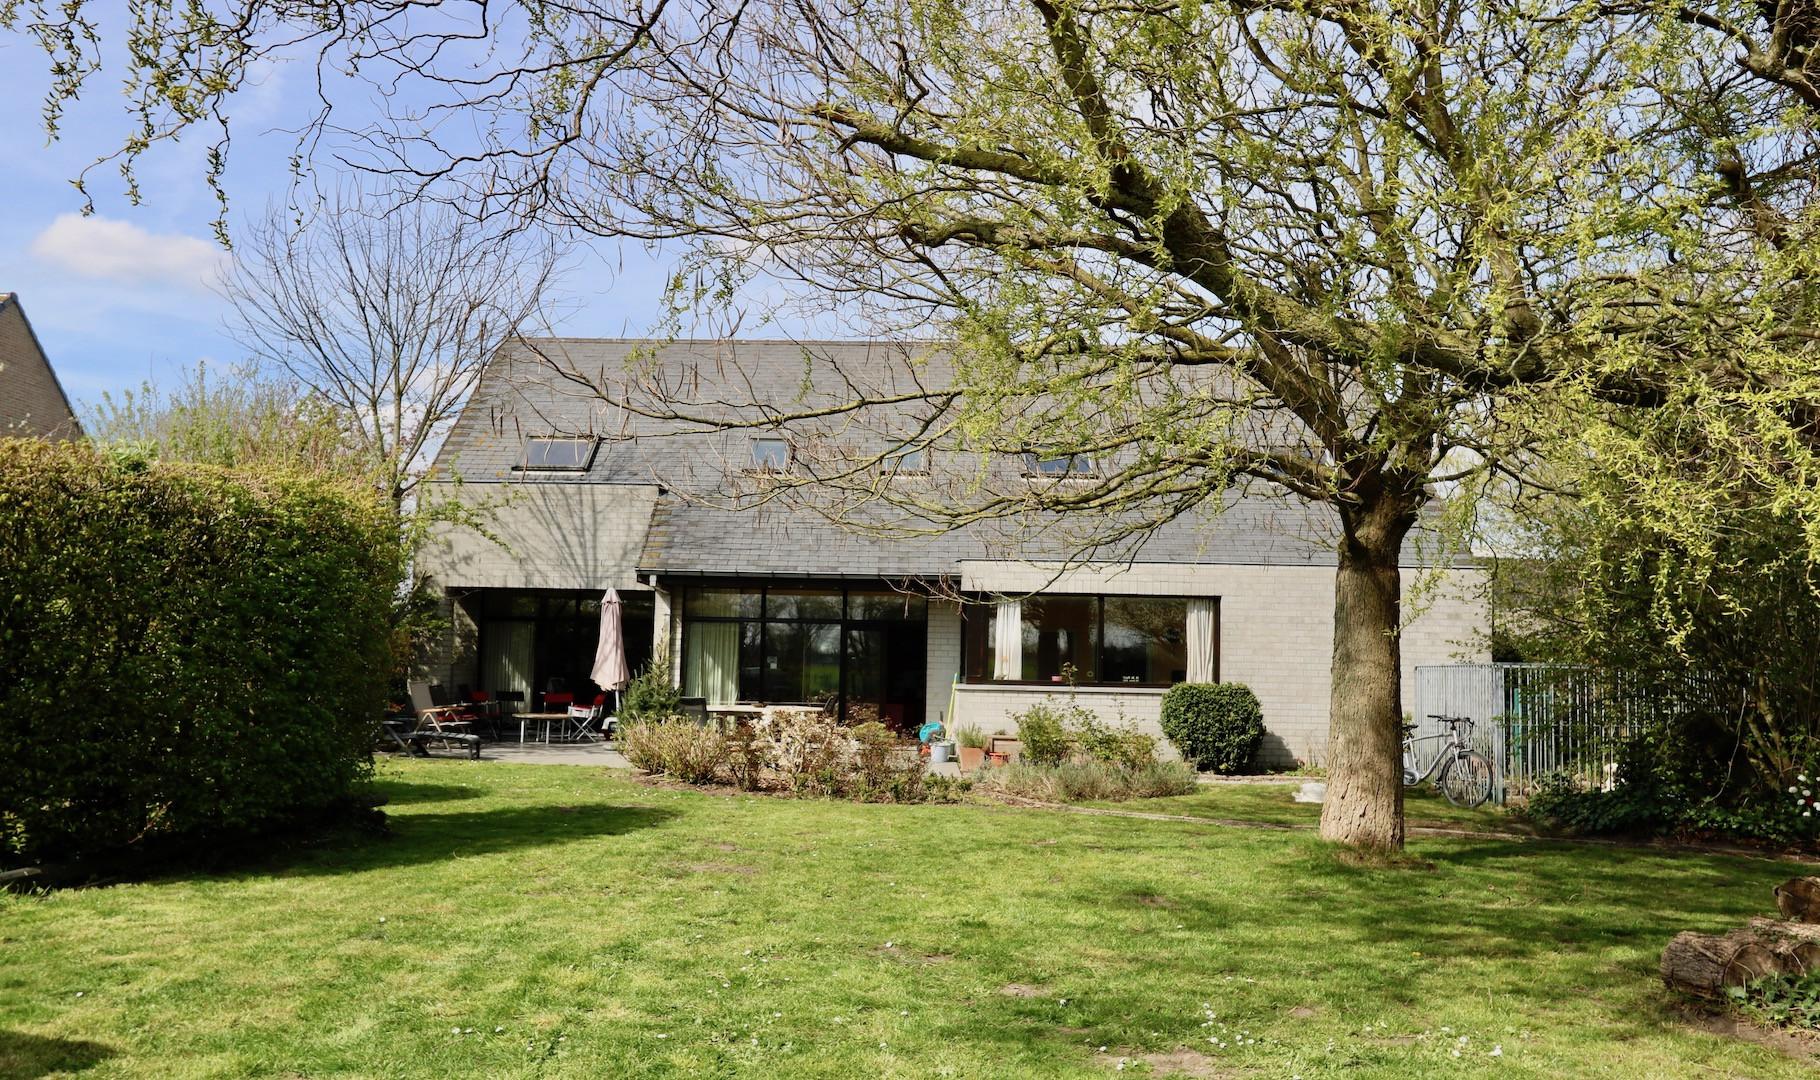 Moderne villa op 1600 m2 tussen Loppem en Zedelgem, 4slps, dubbele garage, zonnige tuin en idyllisch zicht op landerijen